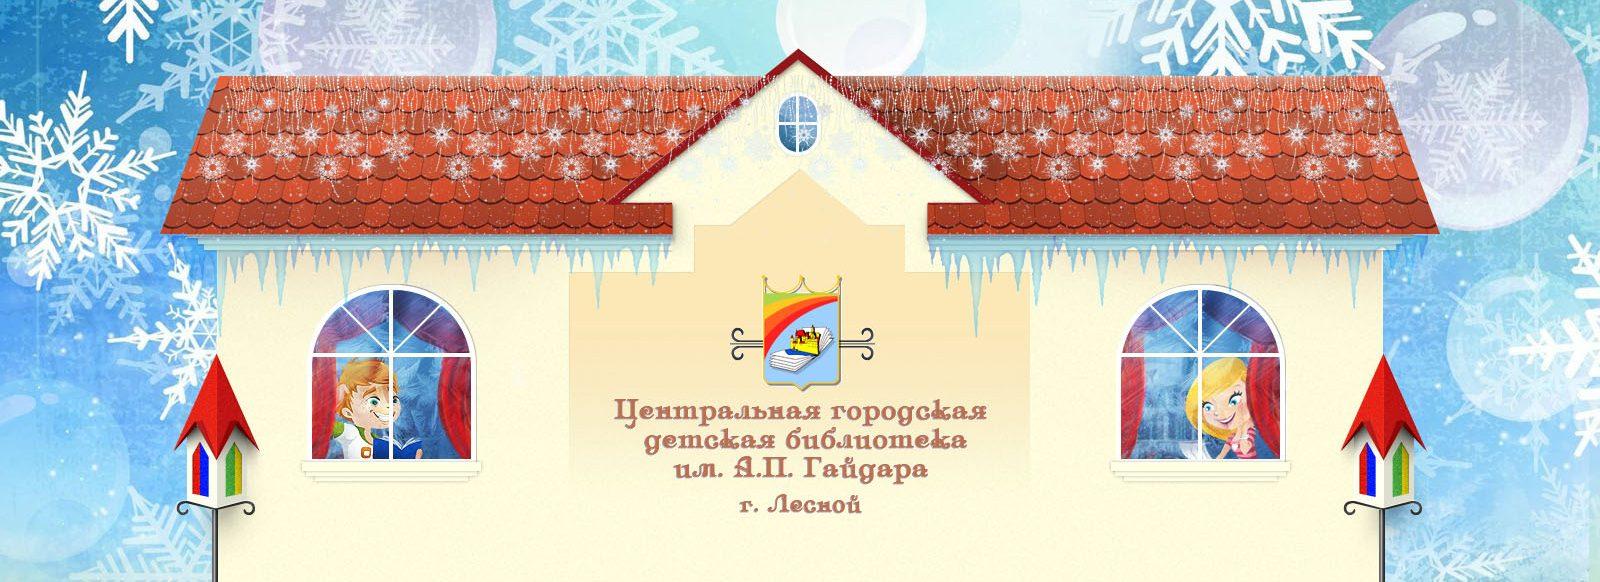 Центральная городская детская библиотека им. А.П. Гайдара